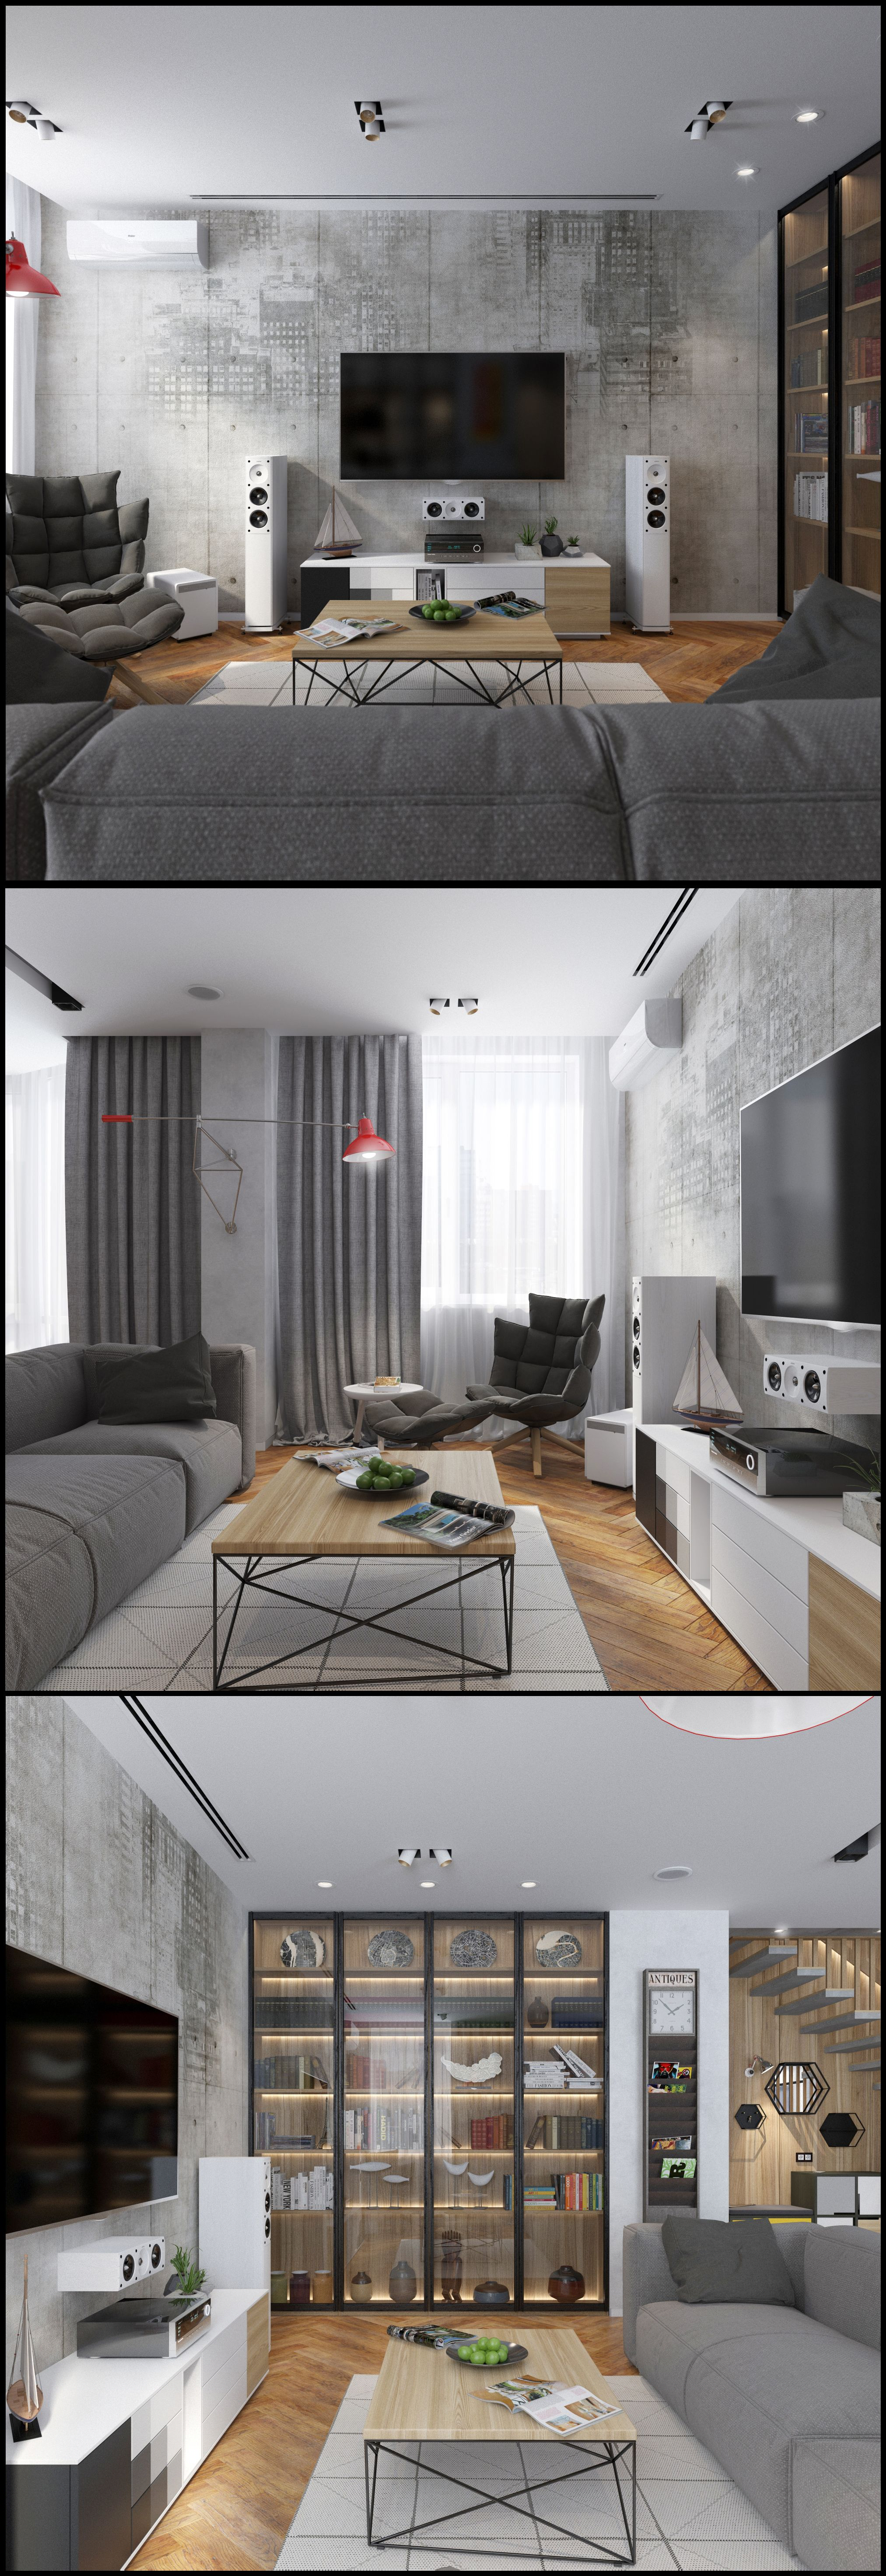 Innenarchitektur wohnzimmer für kleine wohnung pin von edyta drozdowska auf möbel  pinterest  wohnzimmer haus